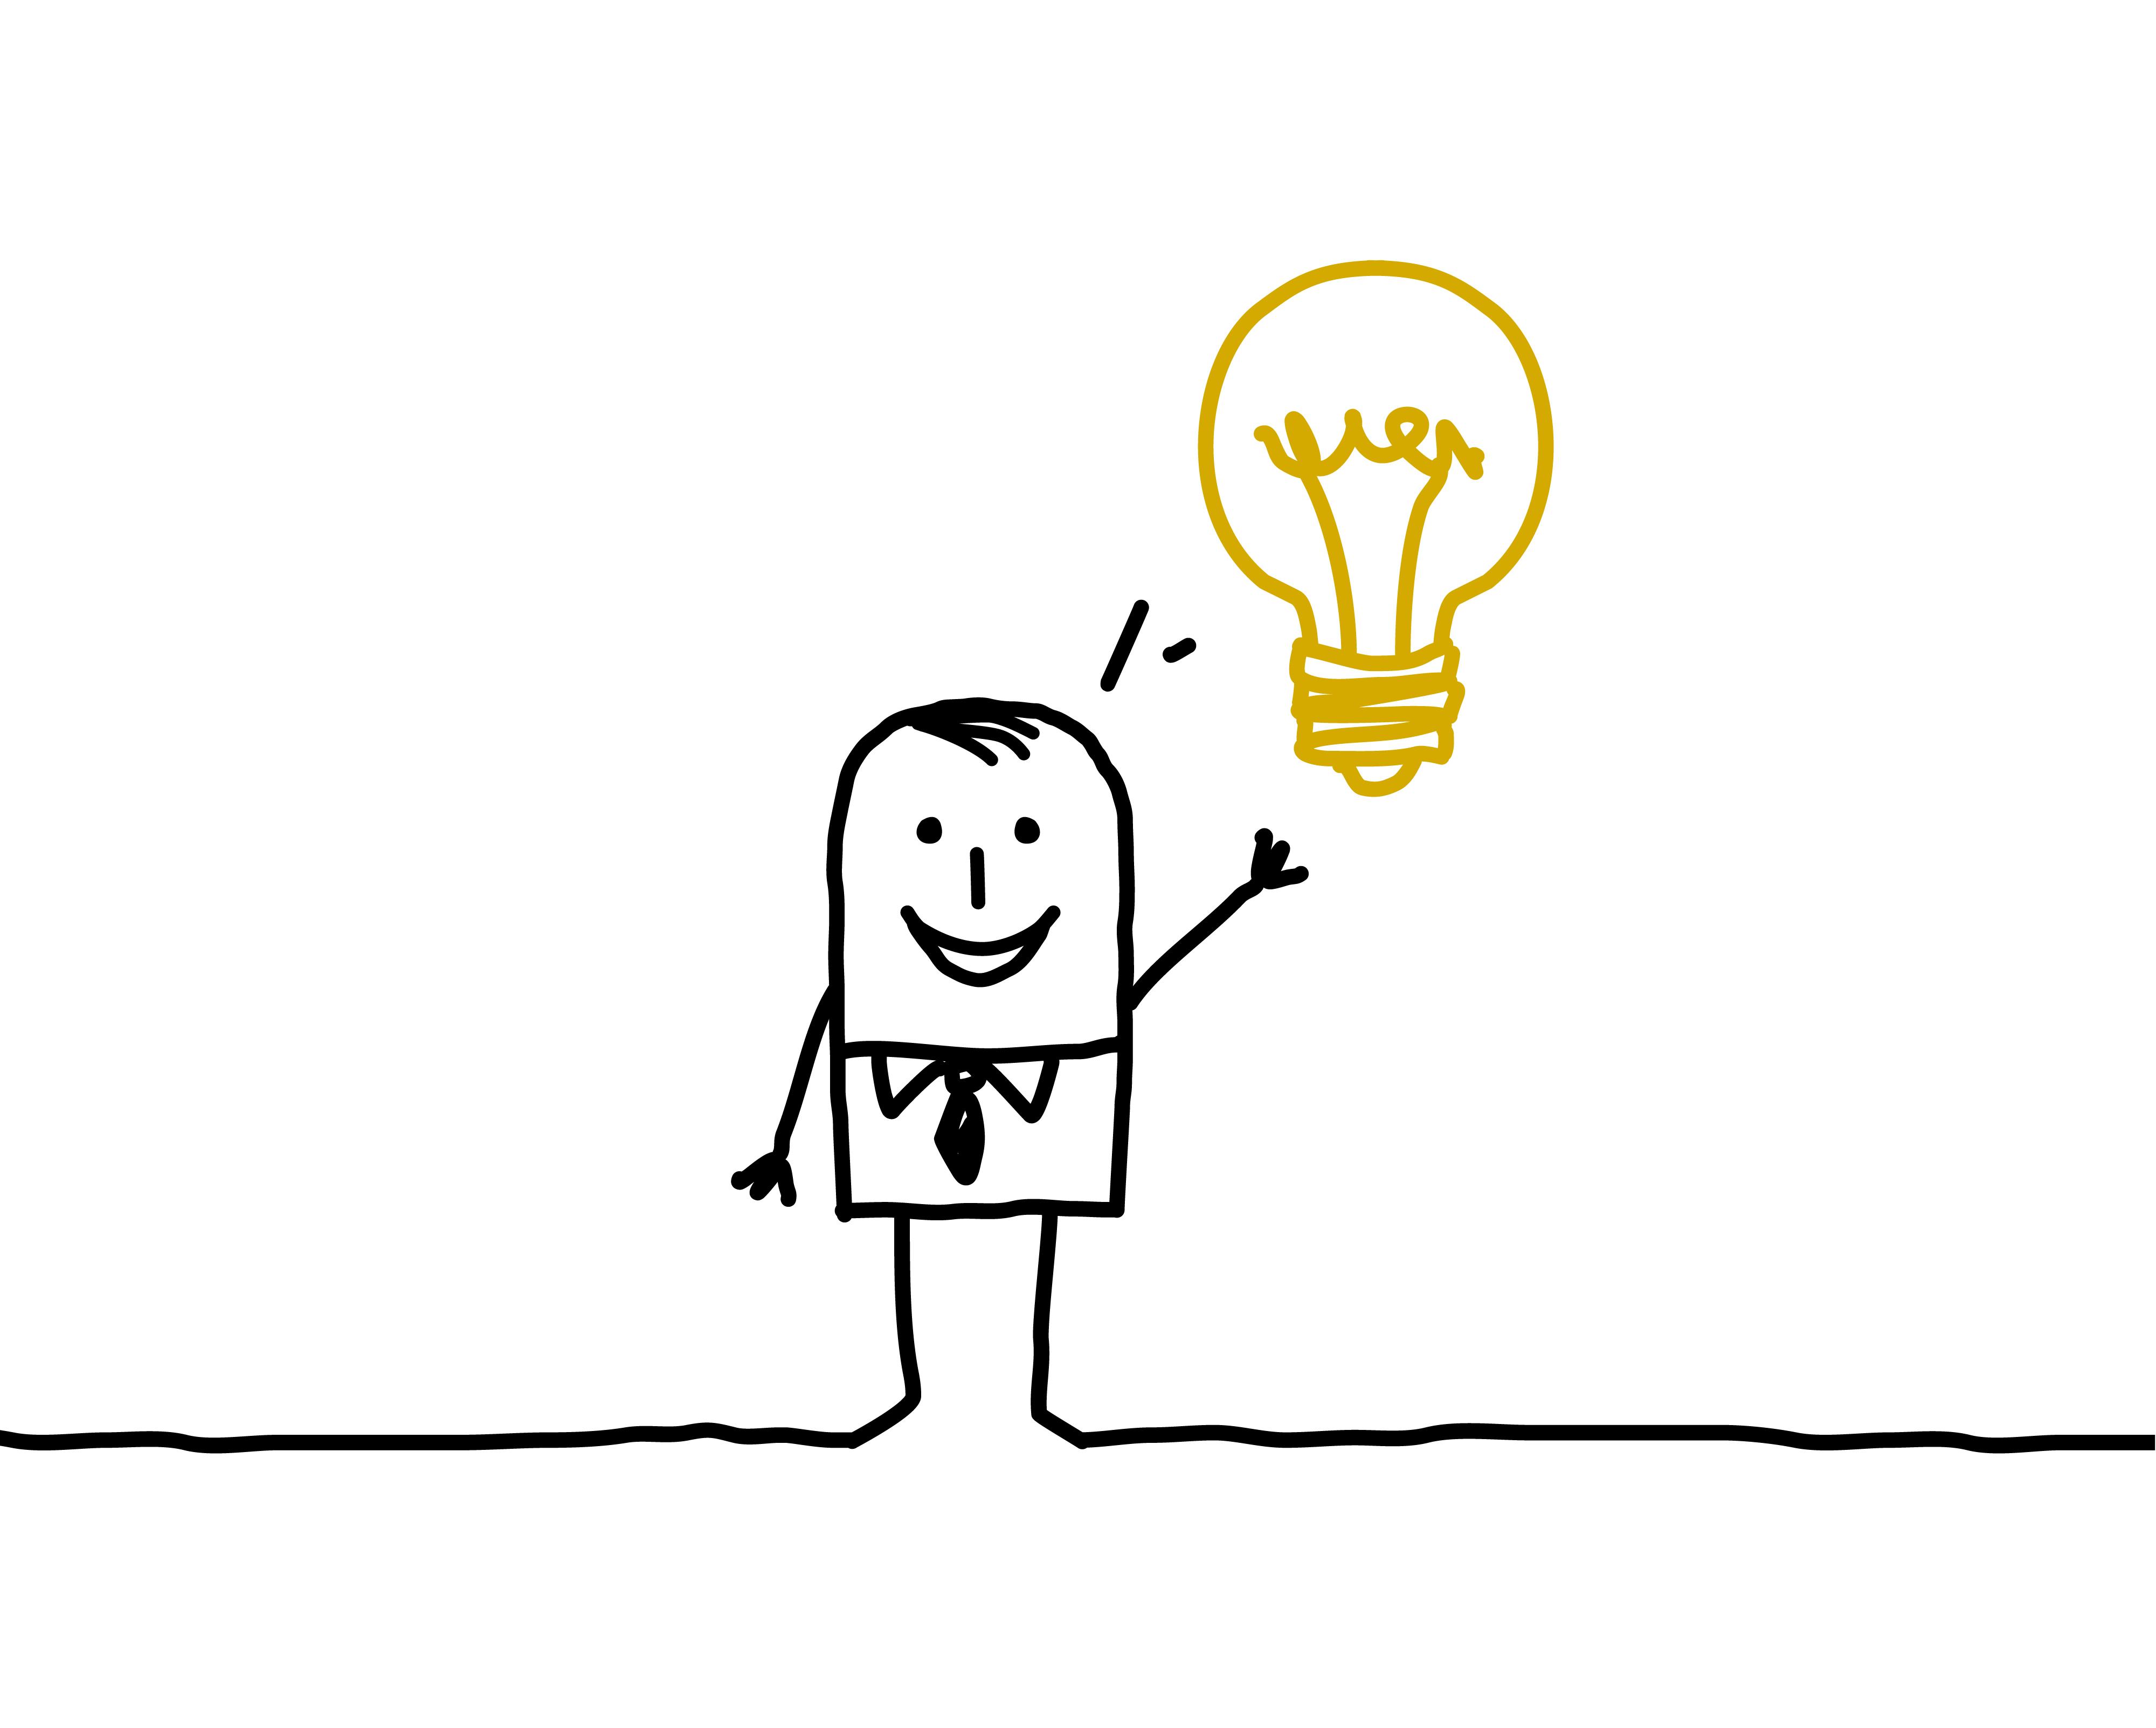 6 Tips for Tackling a New Challenge » Posts | GovLoop